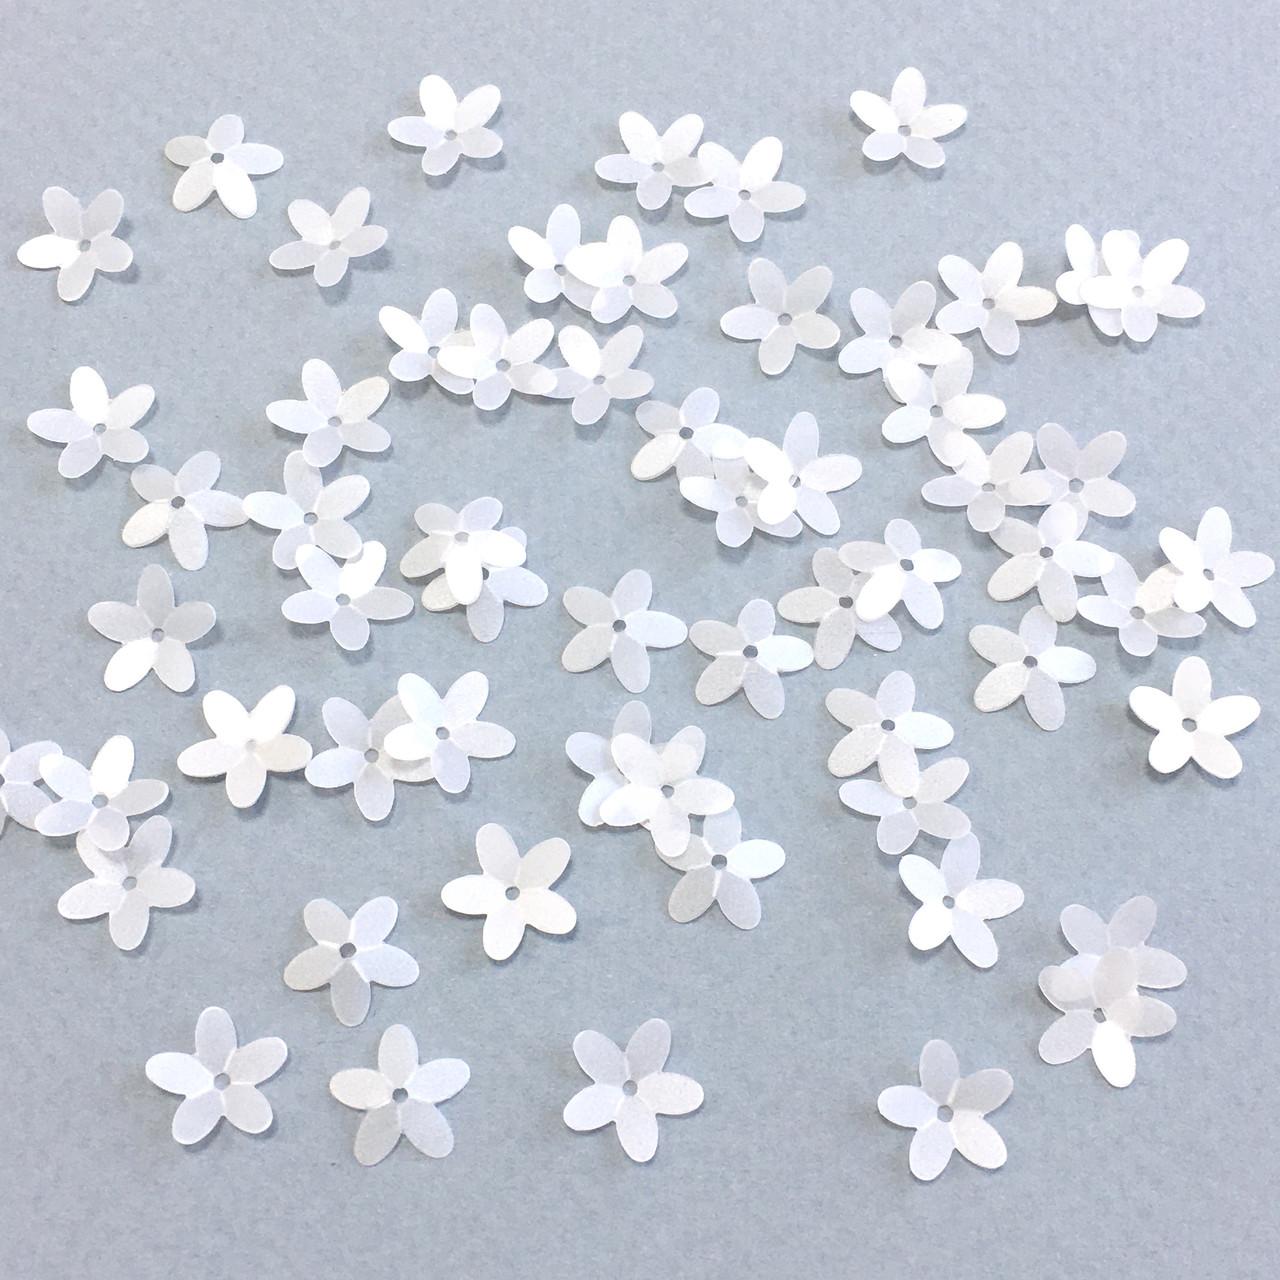 Пайетки Цветочки объемные 10 мм. Матовый белый. Упаковка 3 гр. (Около 150 шт)